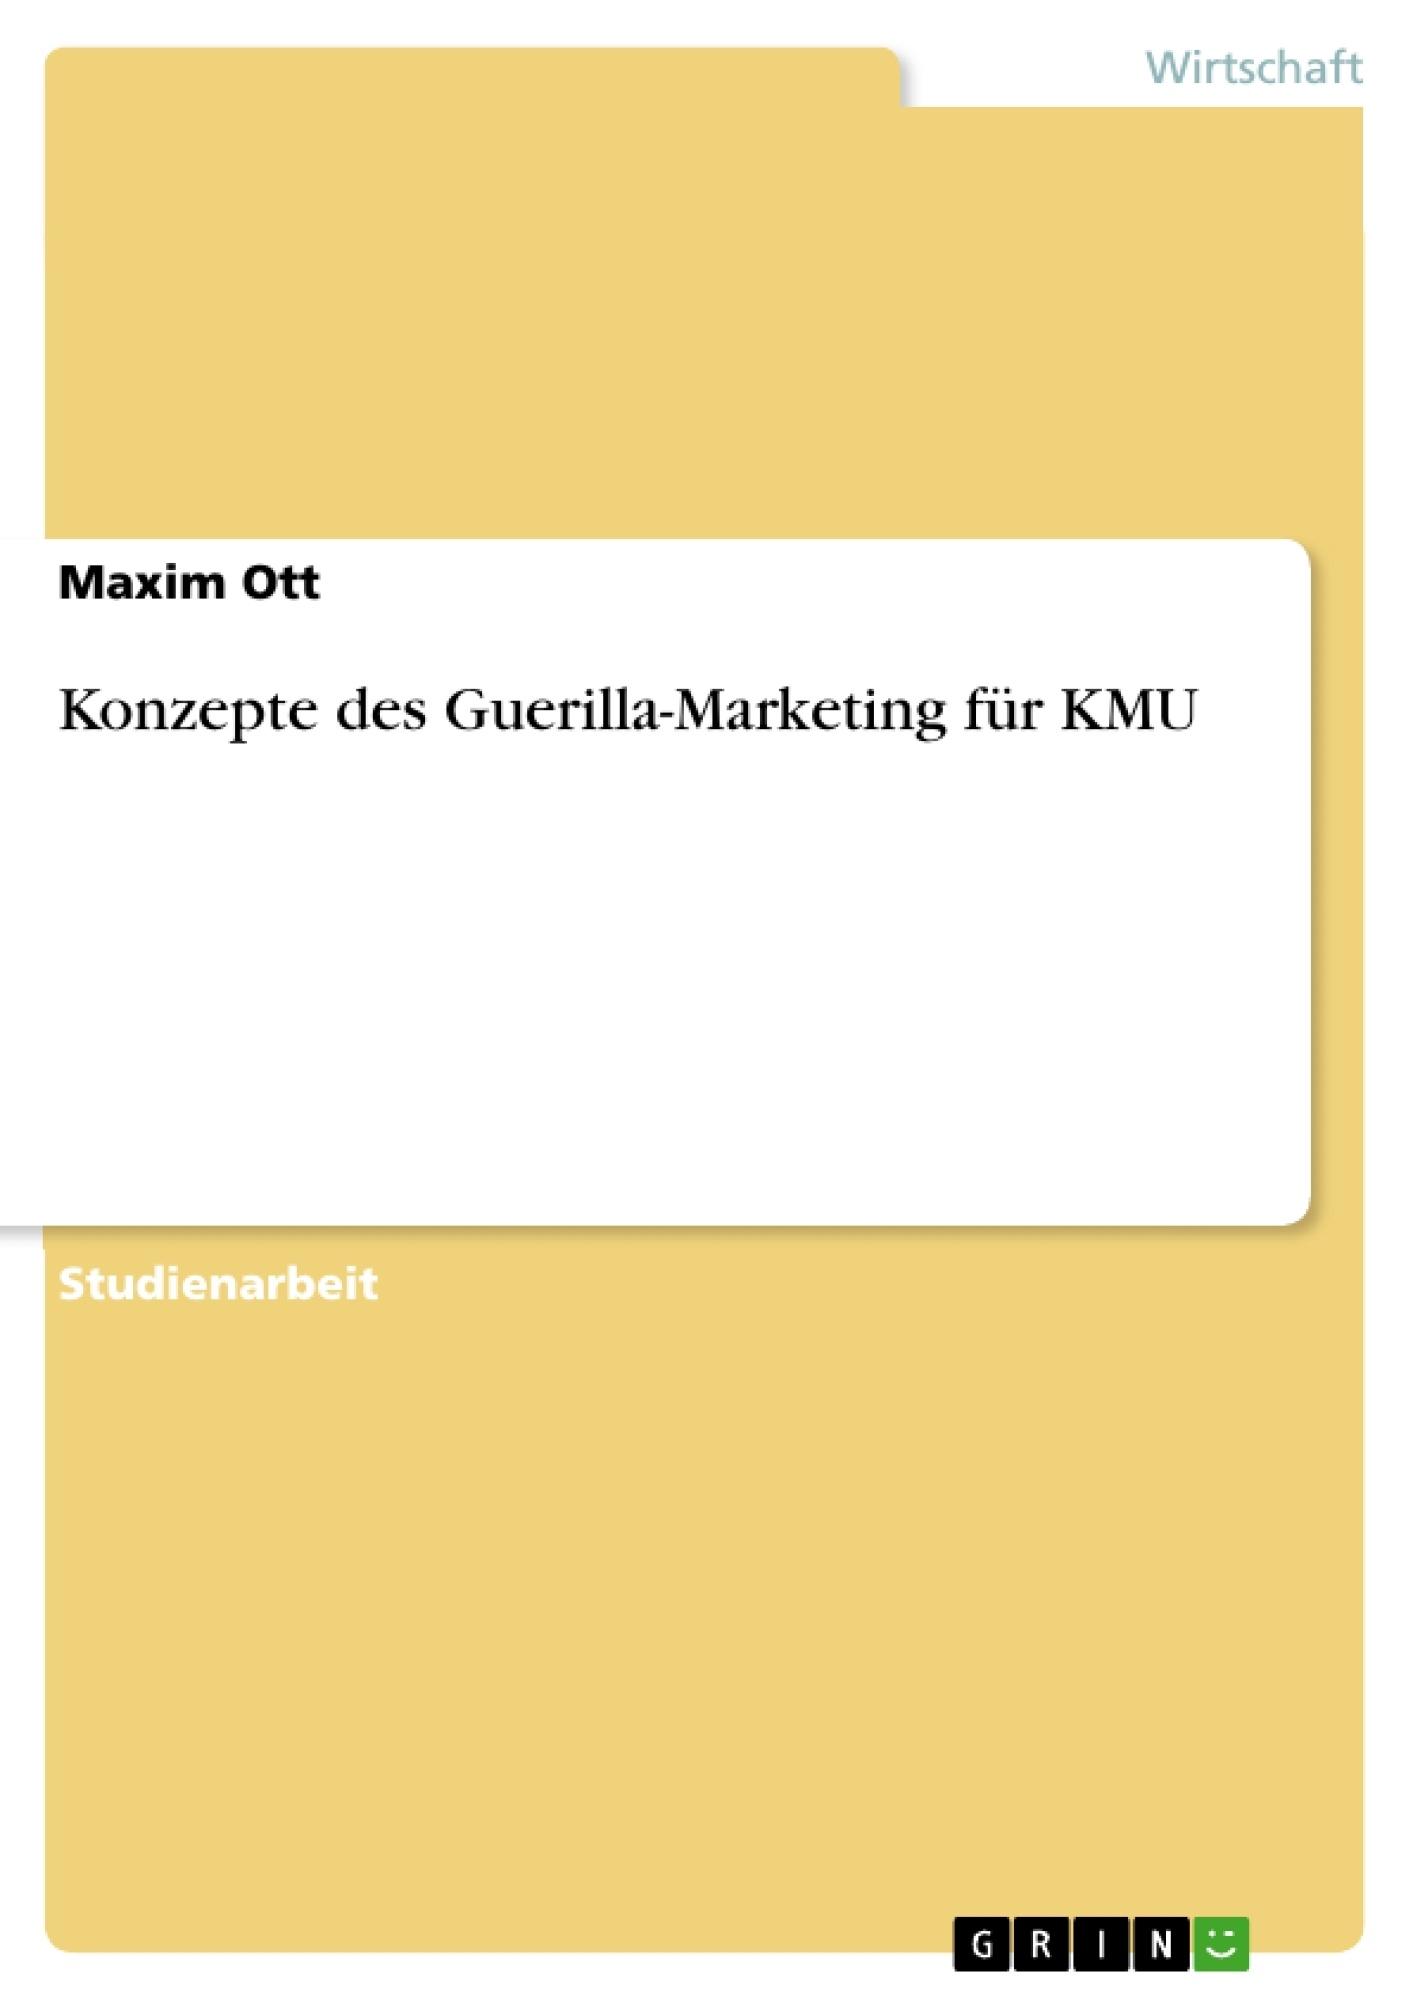 Titel: Konzepte des Guerilla-Marketing für KMU